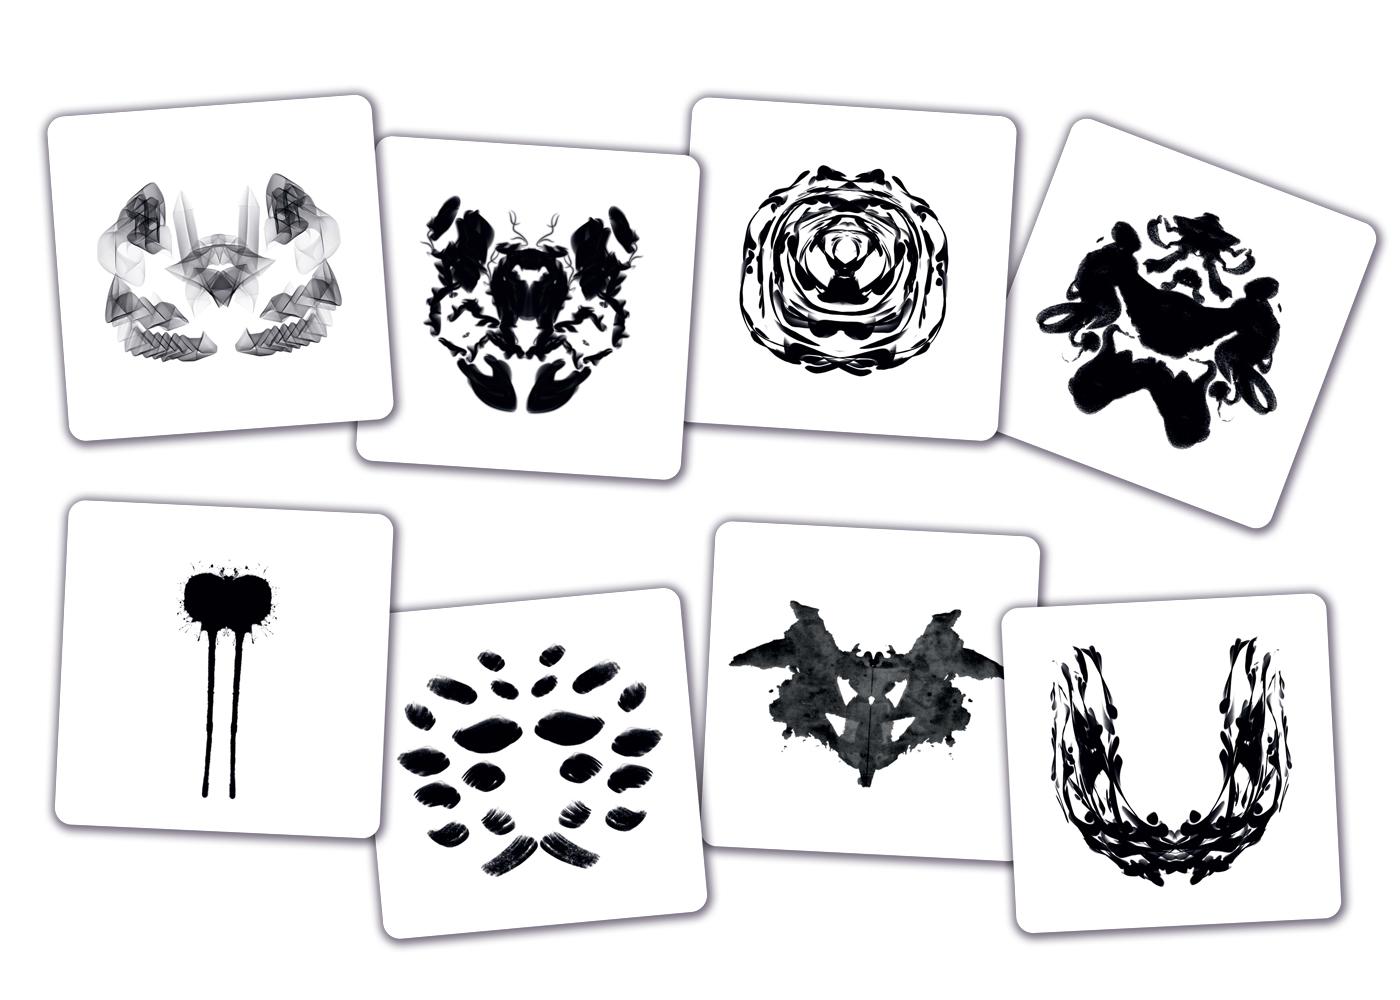 https://hobbyjapan.games/wp-content/uploads/2021/03/box_Rorschach_jp_imagecard.jpg